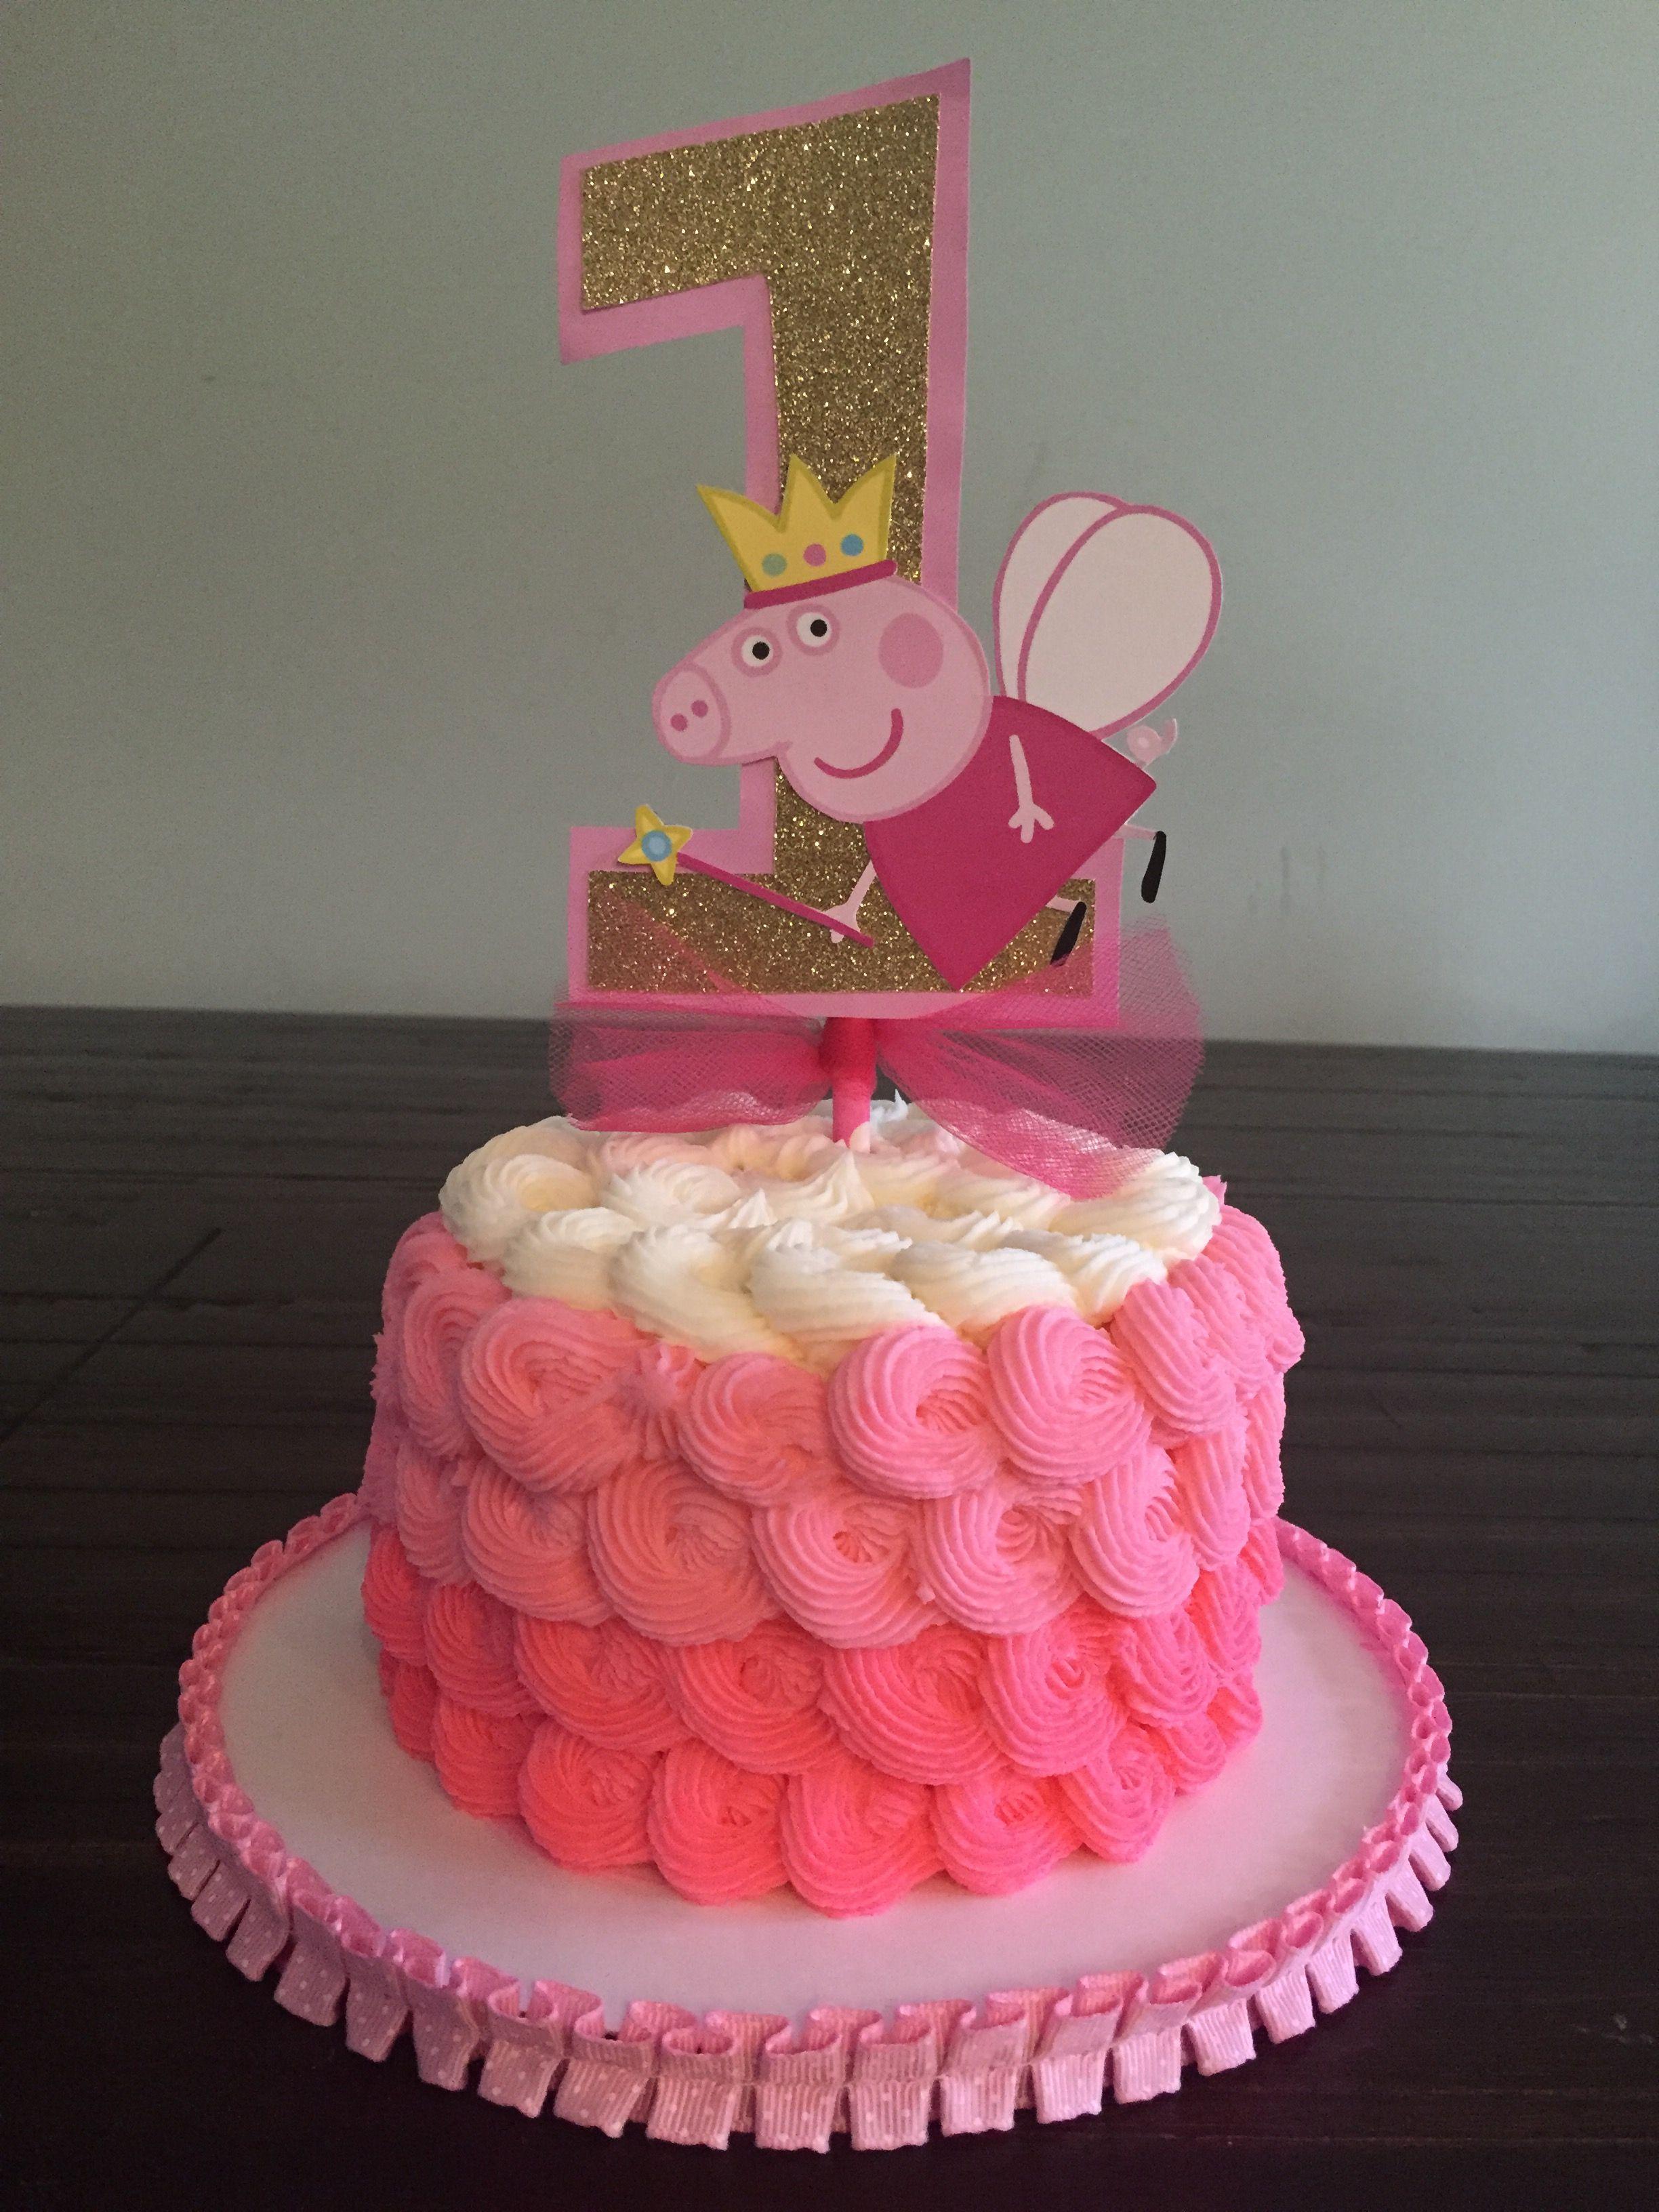 Peppa Pig Smash Cake My Sweetfixx In 2019 Peppa Pig